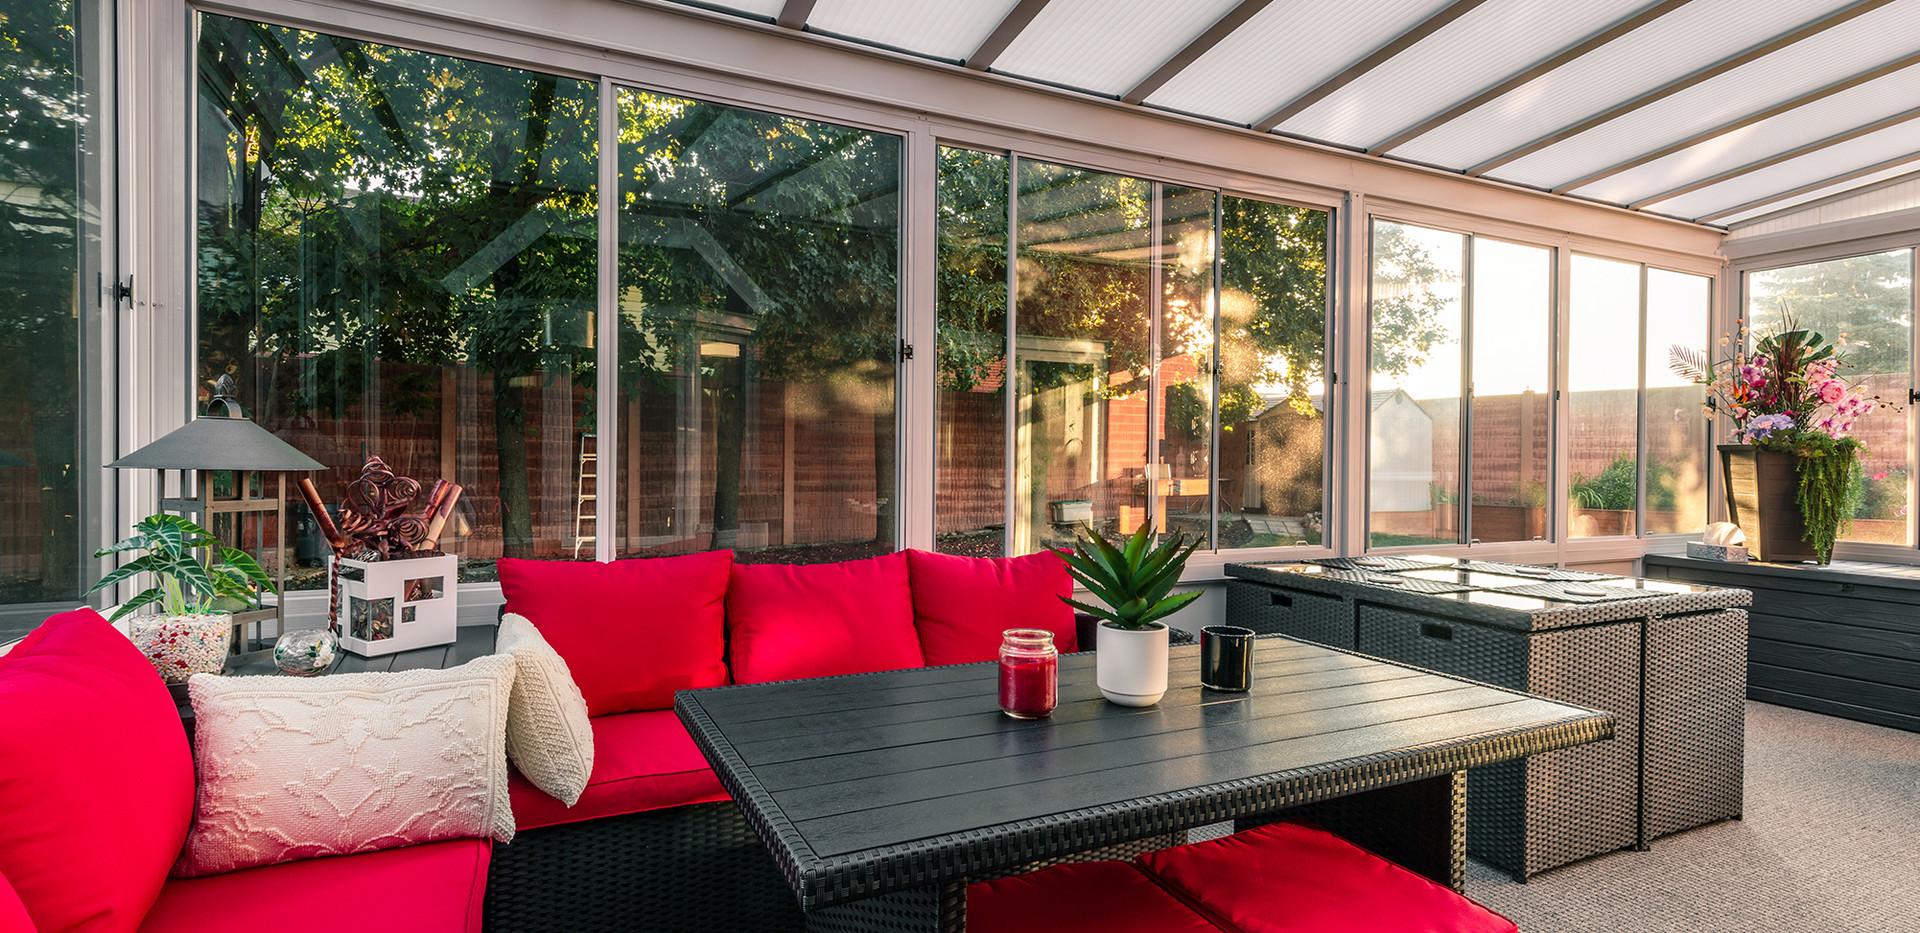 real-estate-interior-hdr-photo-3-hamilto